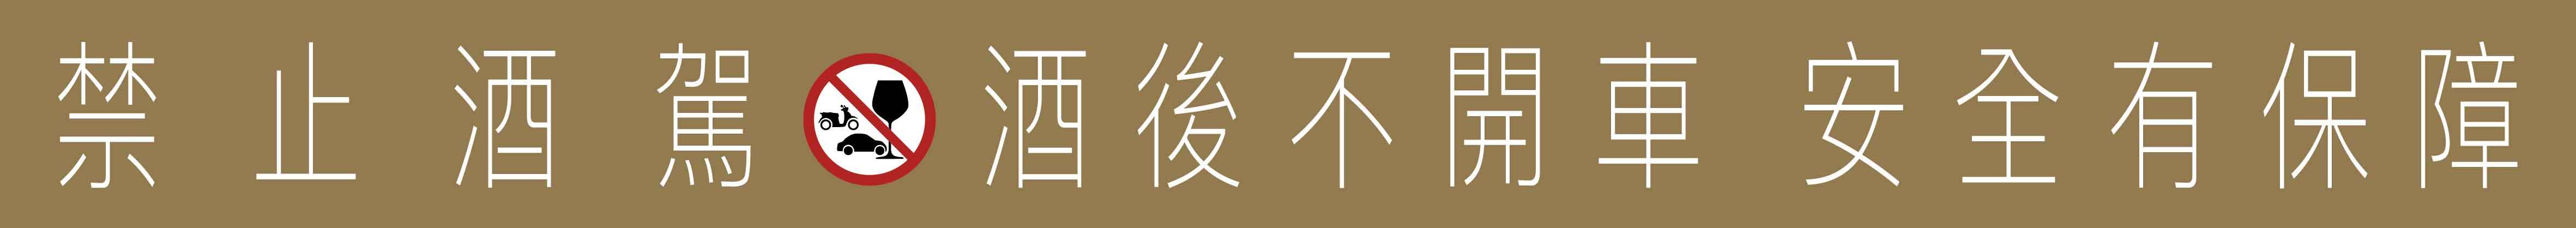 【小膳香成都麻辣火鍋】~四川成都地道牛油麻辣火鍋,東區忠孝東路必訪麻辣火鍋